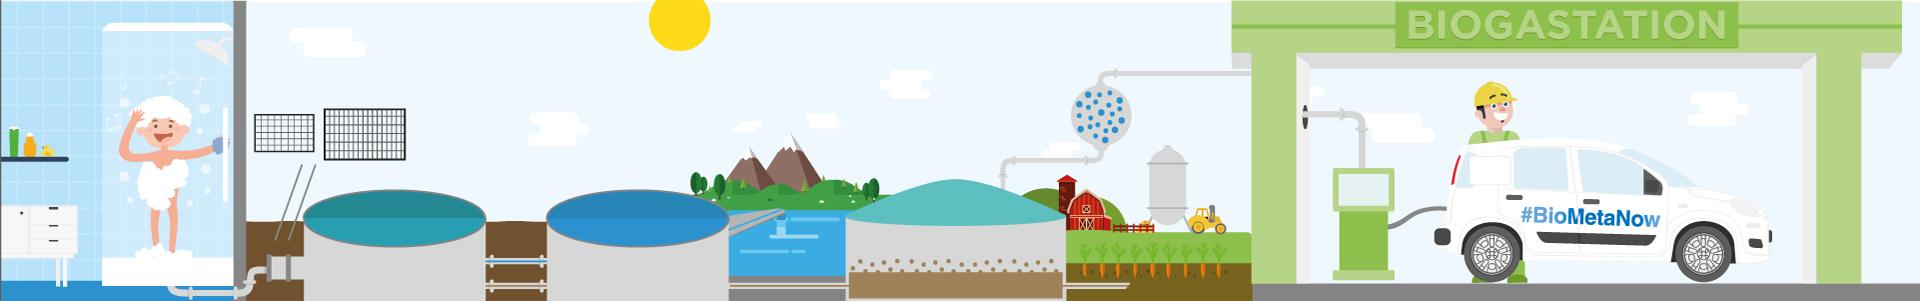 E' uscita a marzo dal Motor Village di Fiat Chrysler Automobiles la Panda che GRUPPO CAP sta alimentando con il biometano prodotto da fanghi di depurazione e dalle acque reflue dei cittadini milanesi. Percorrerà 8.000 km.